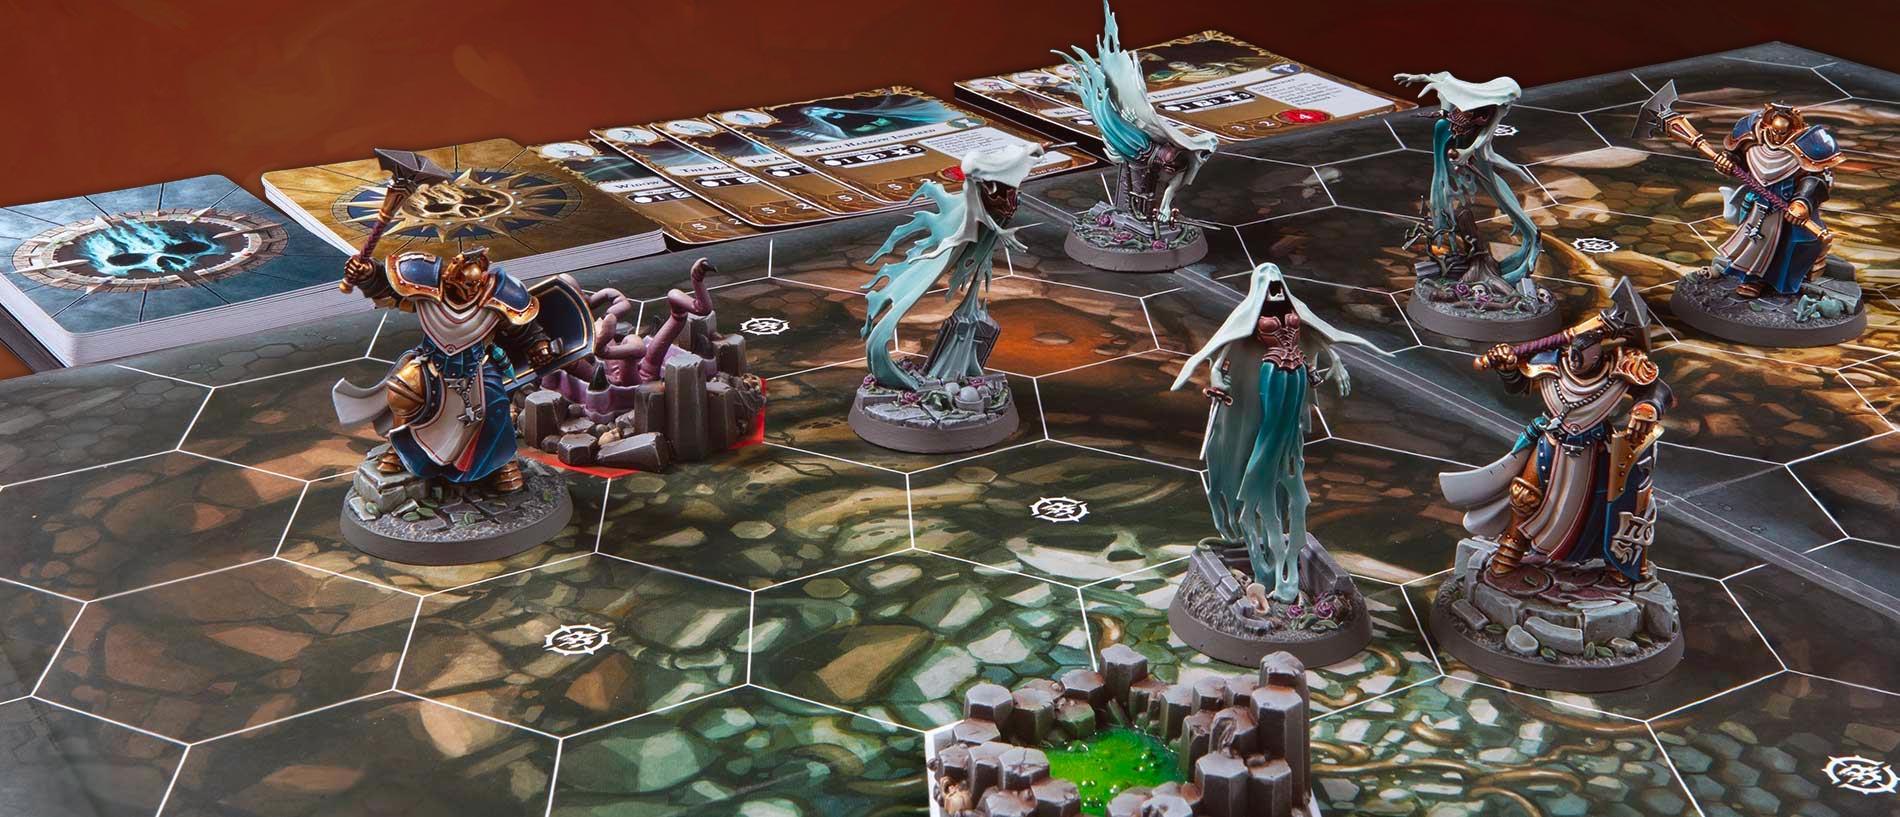 22+ Warhammer Game Workshop JPG